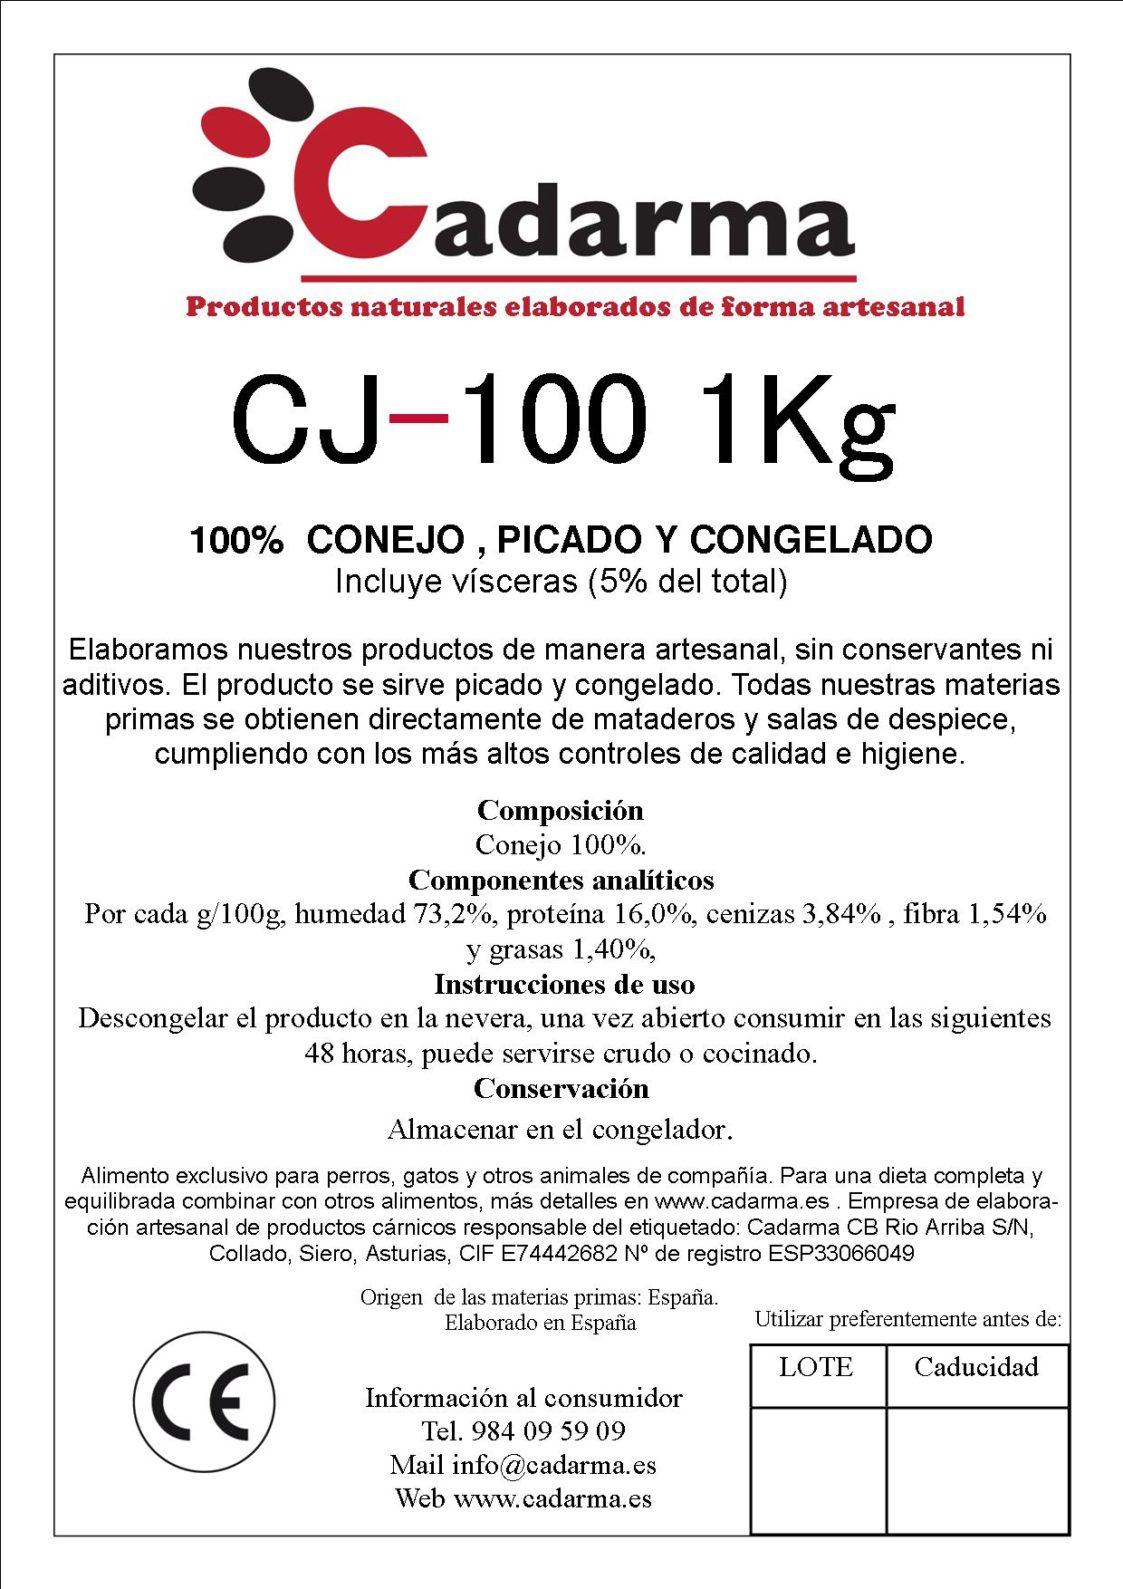 CJ-100 1kg